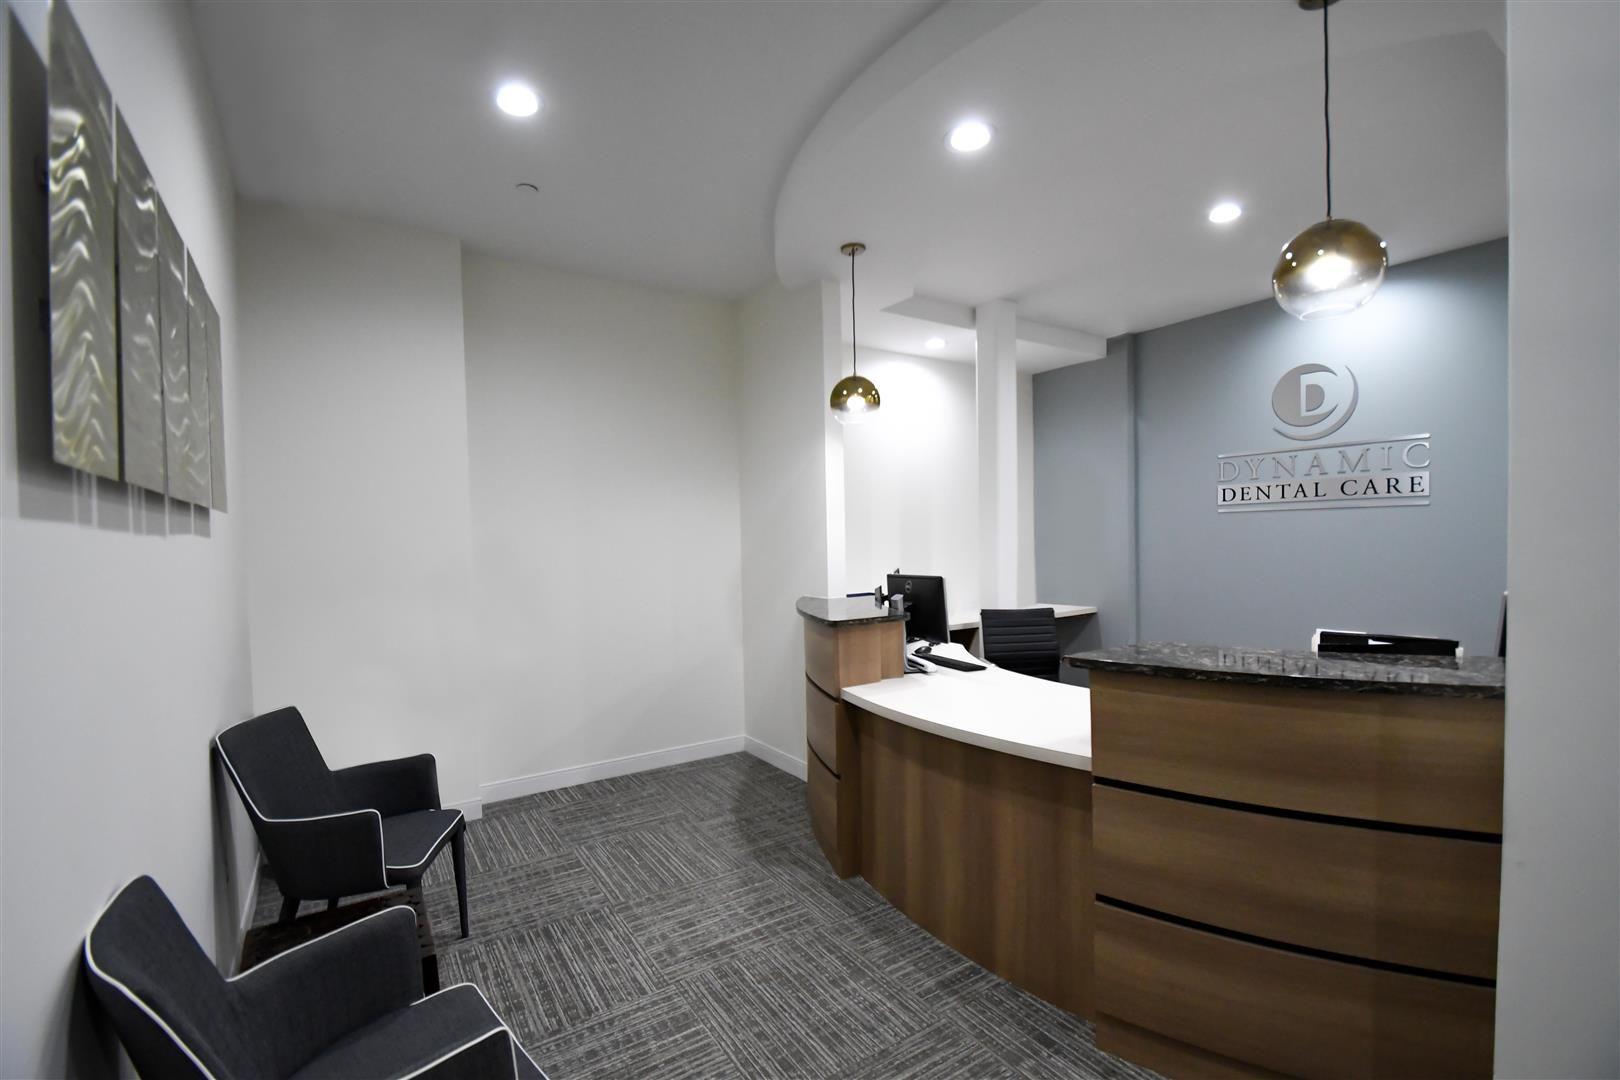 Dynamic Dental Care Interior Design Portfolio Dental Office Design Dental Reception Interior Design Portfolio